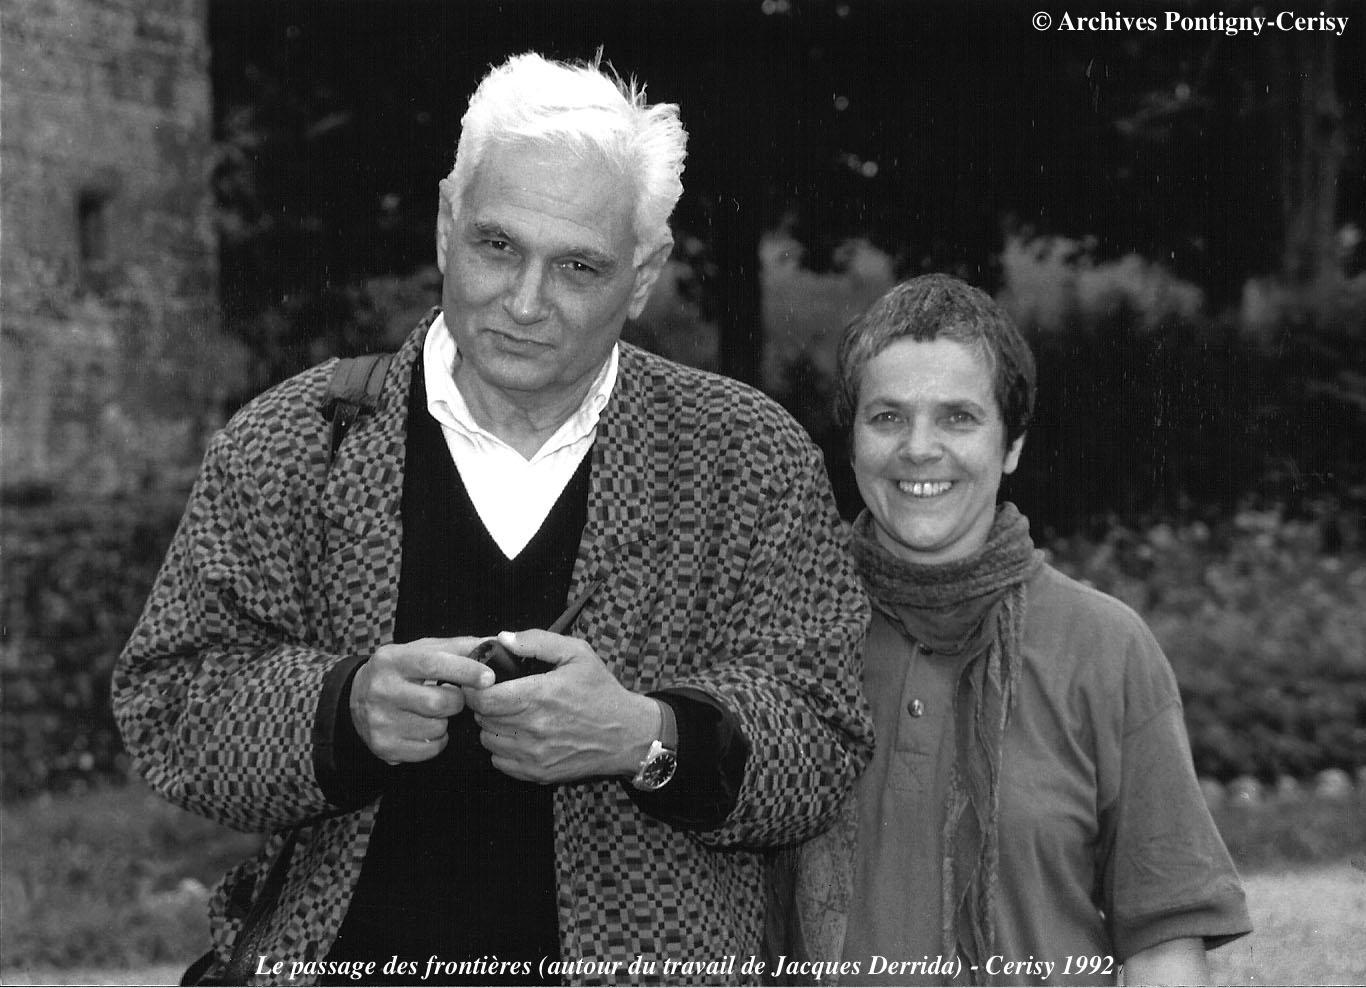 Le passage des frontières (autour du travail de Jacques Derrida) (1992)